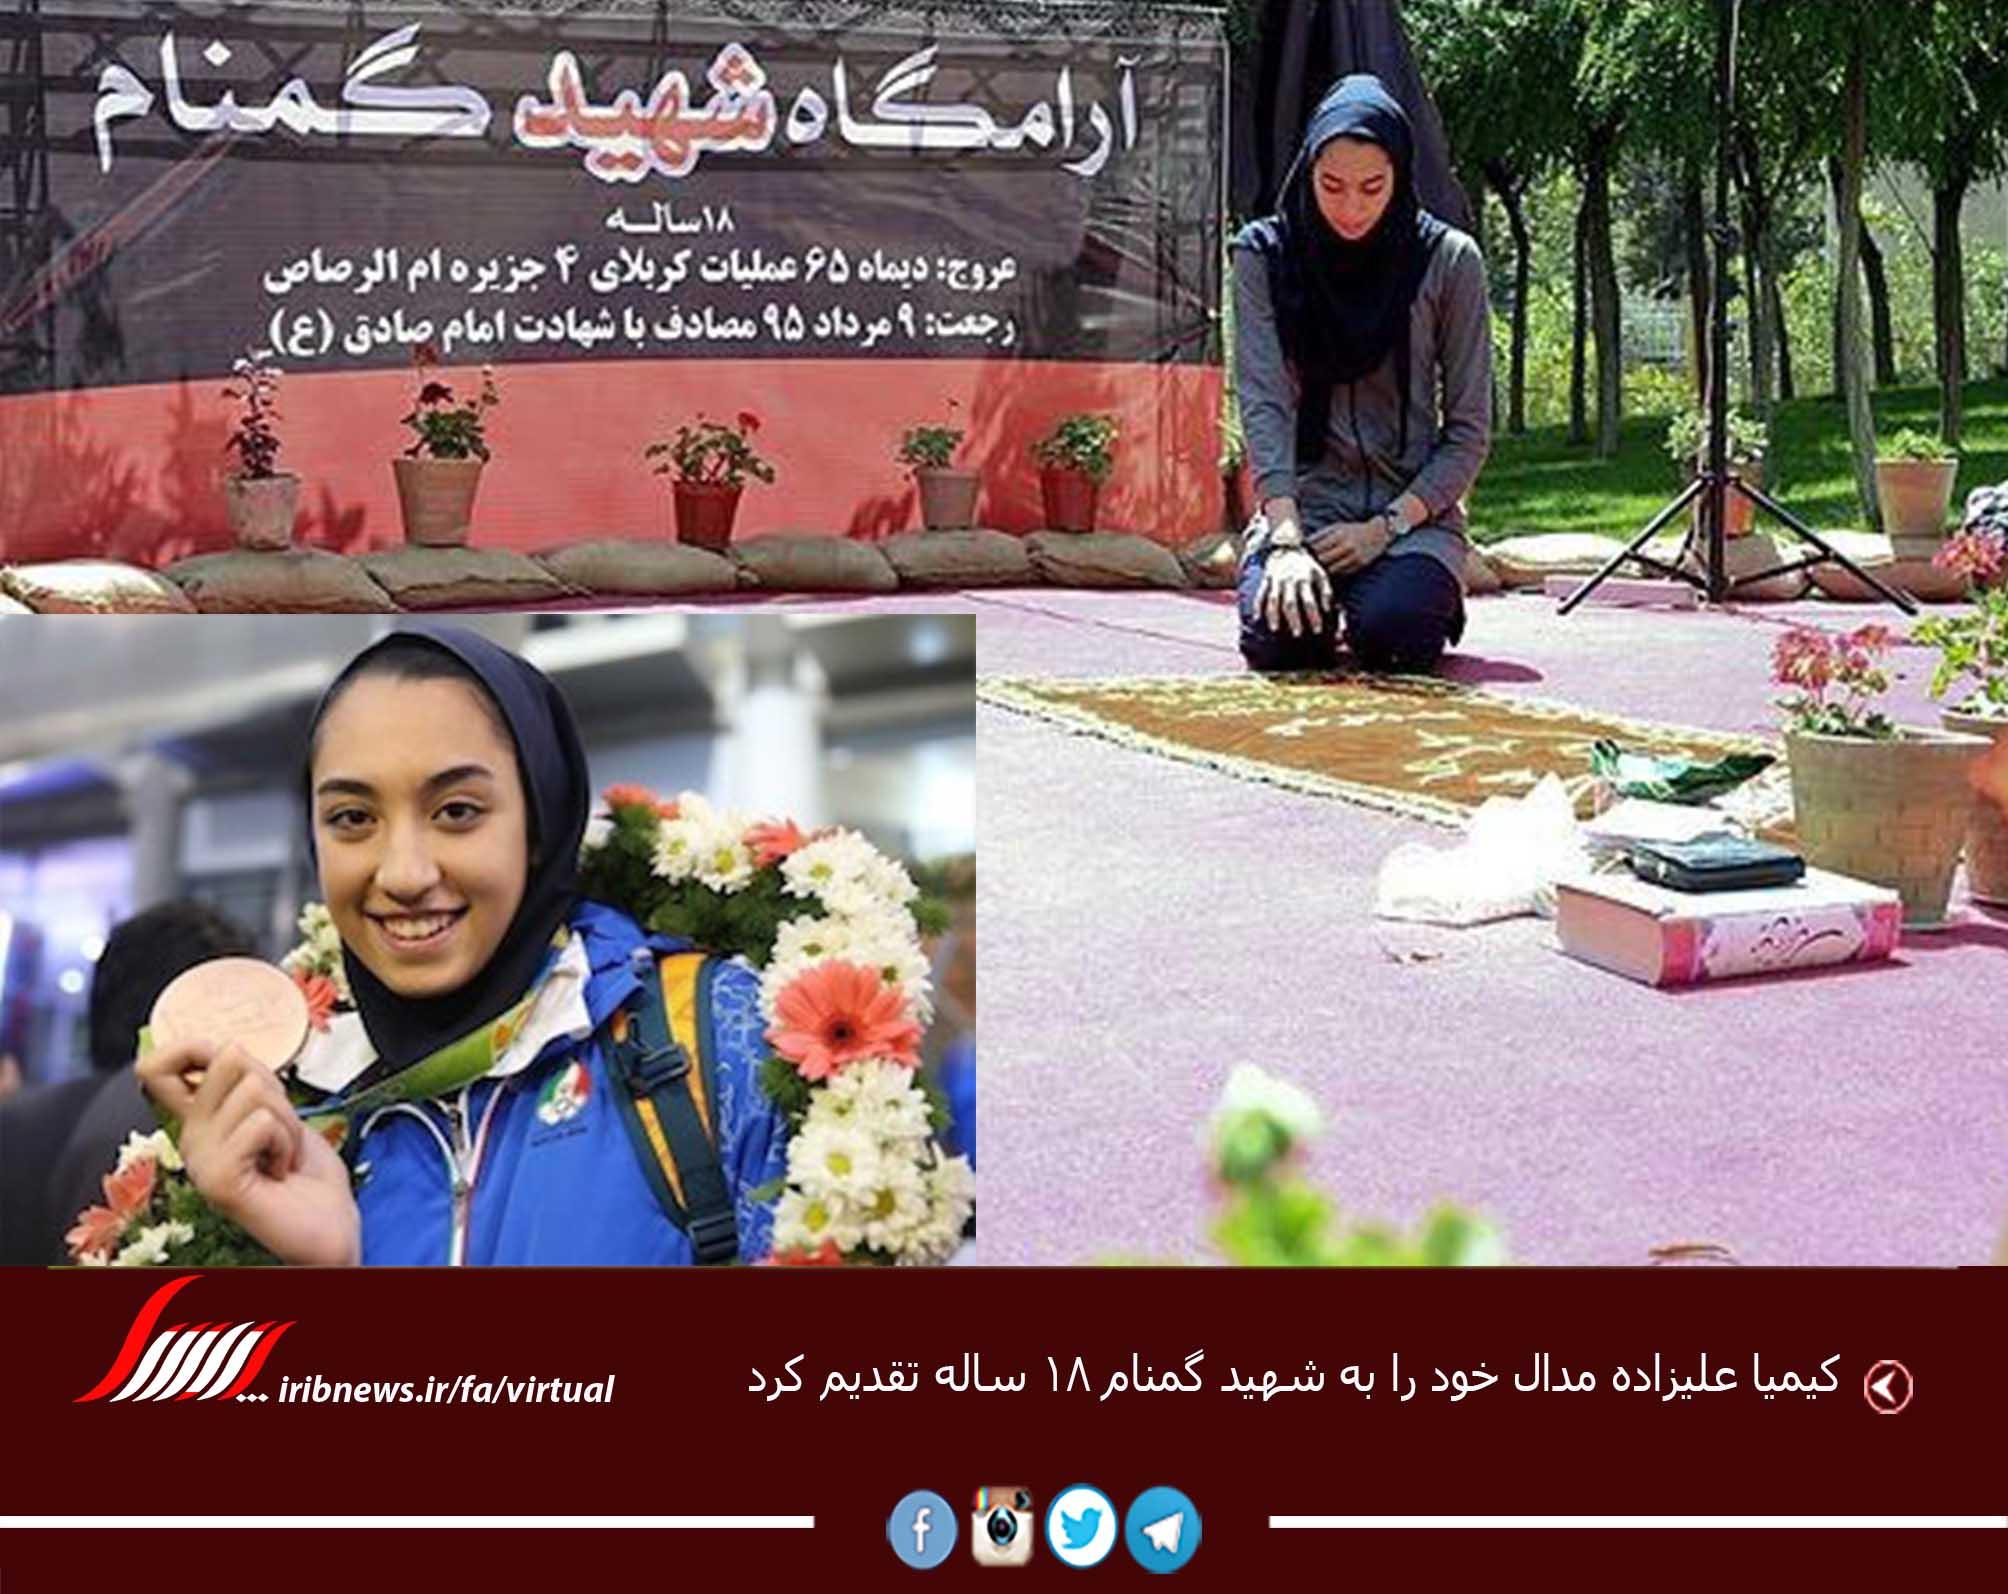 کیمیا علیزاده مدال خود را به شهید گمنام 18 ساله تقدیم کرد